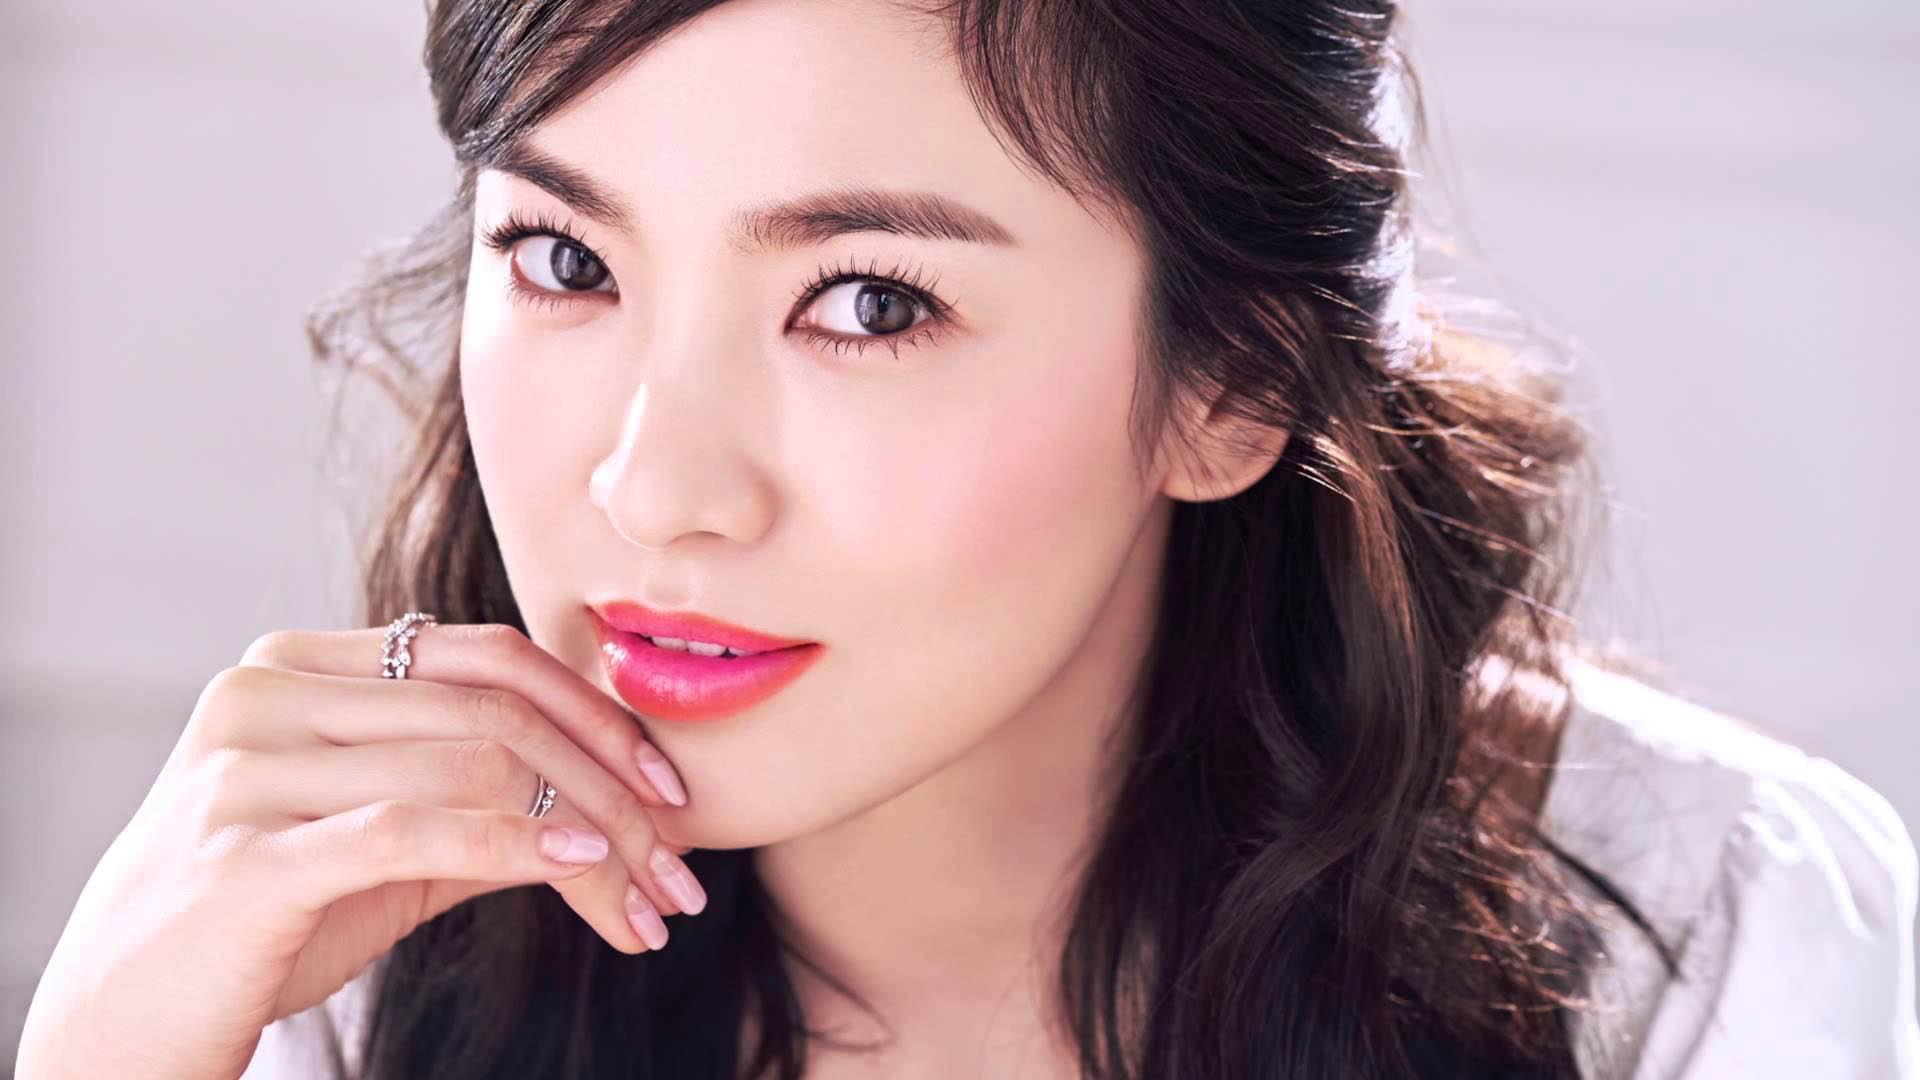 Song Hye Kyo 31 JauhariNET